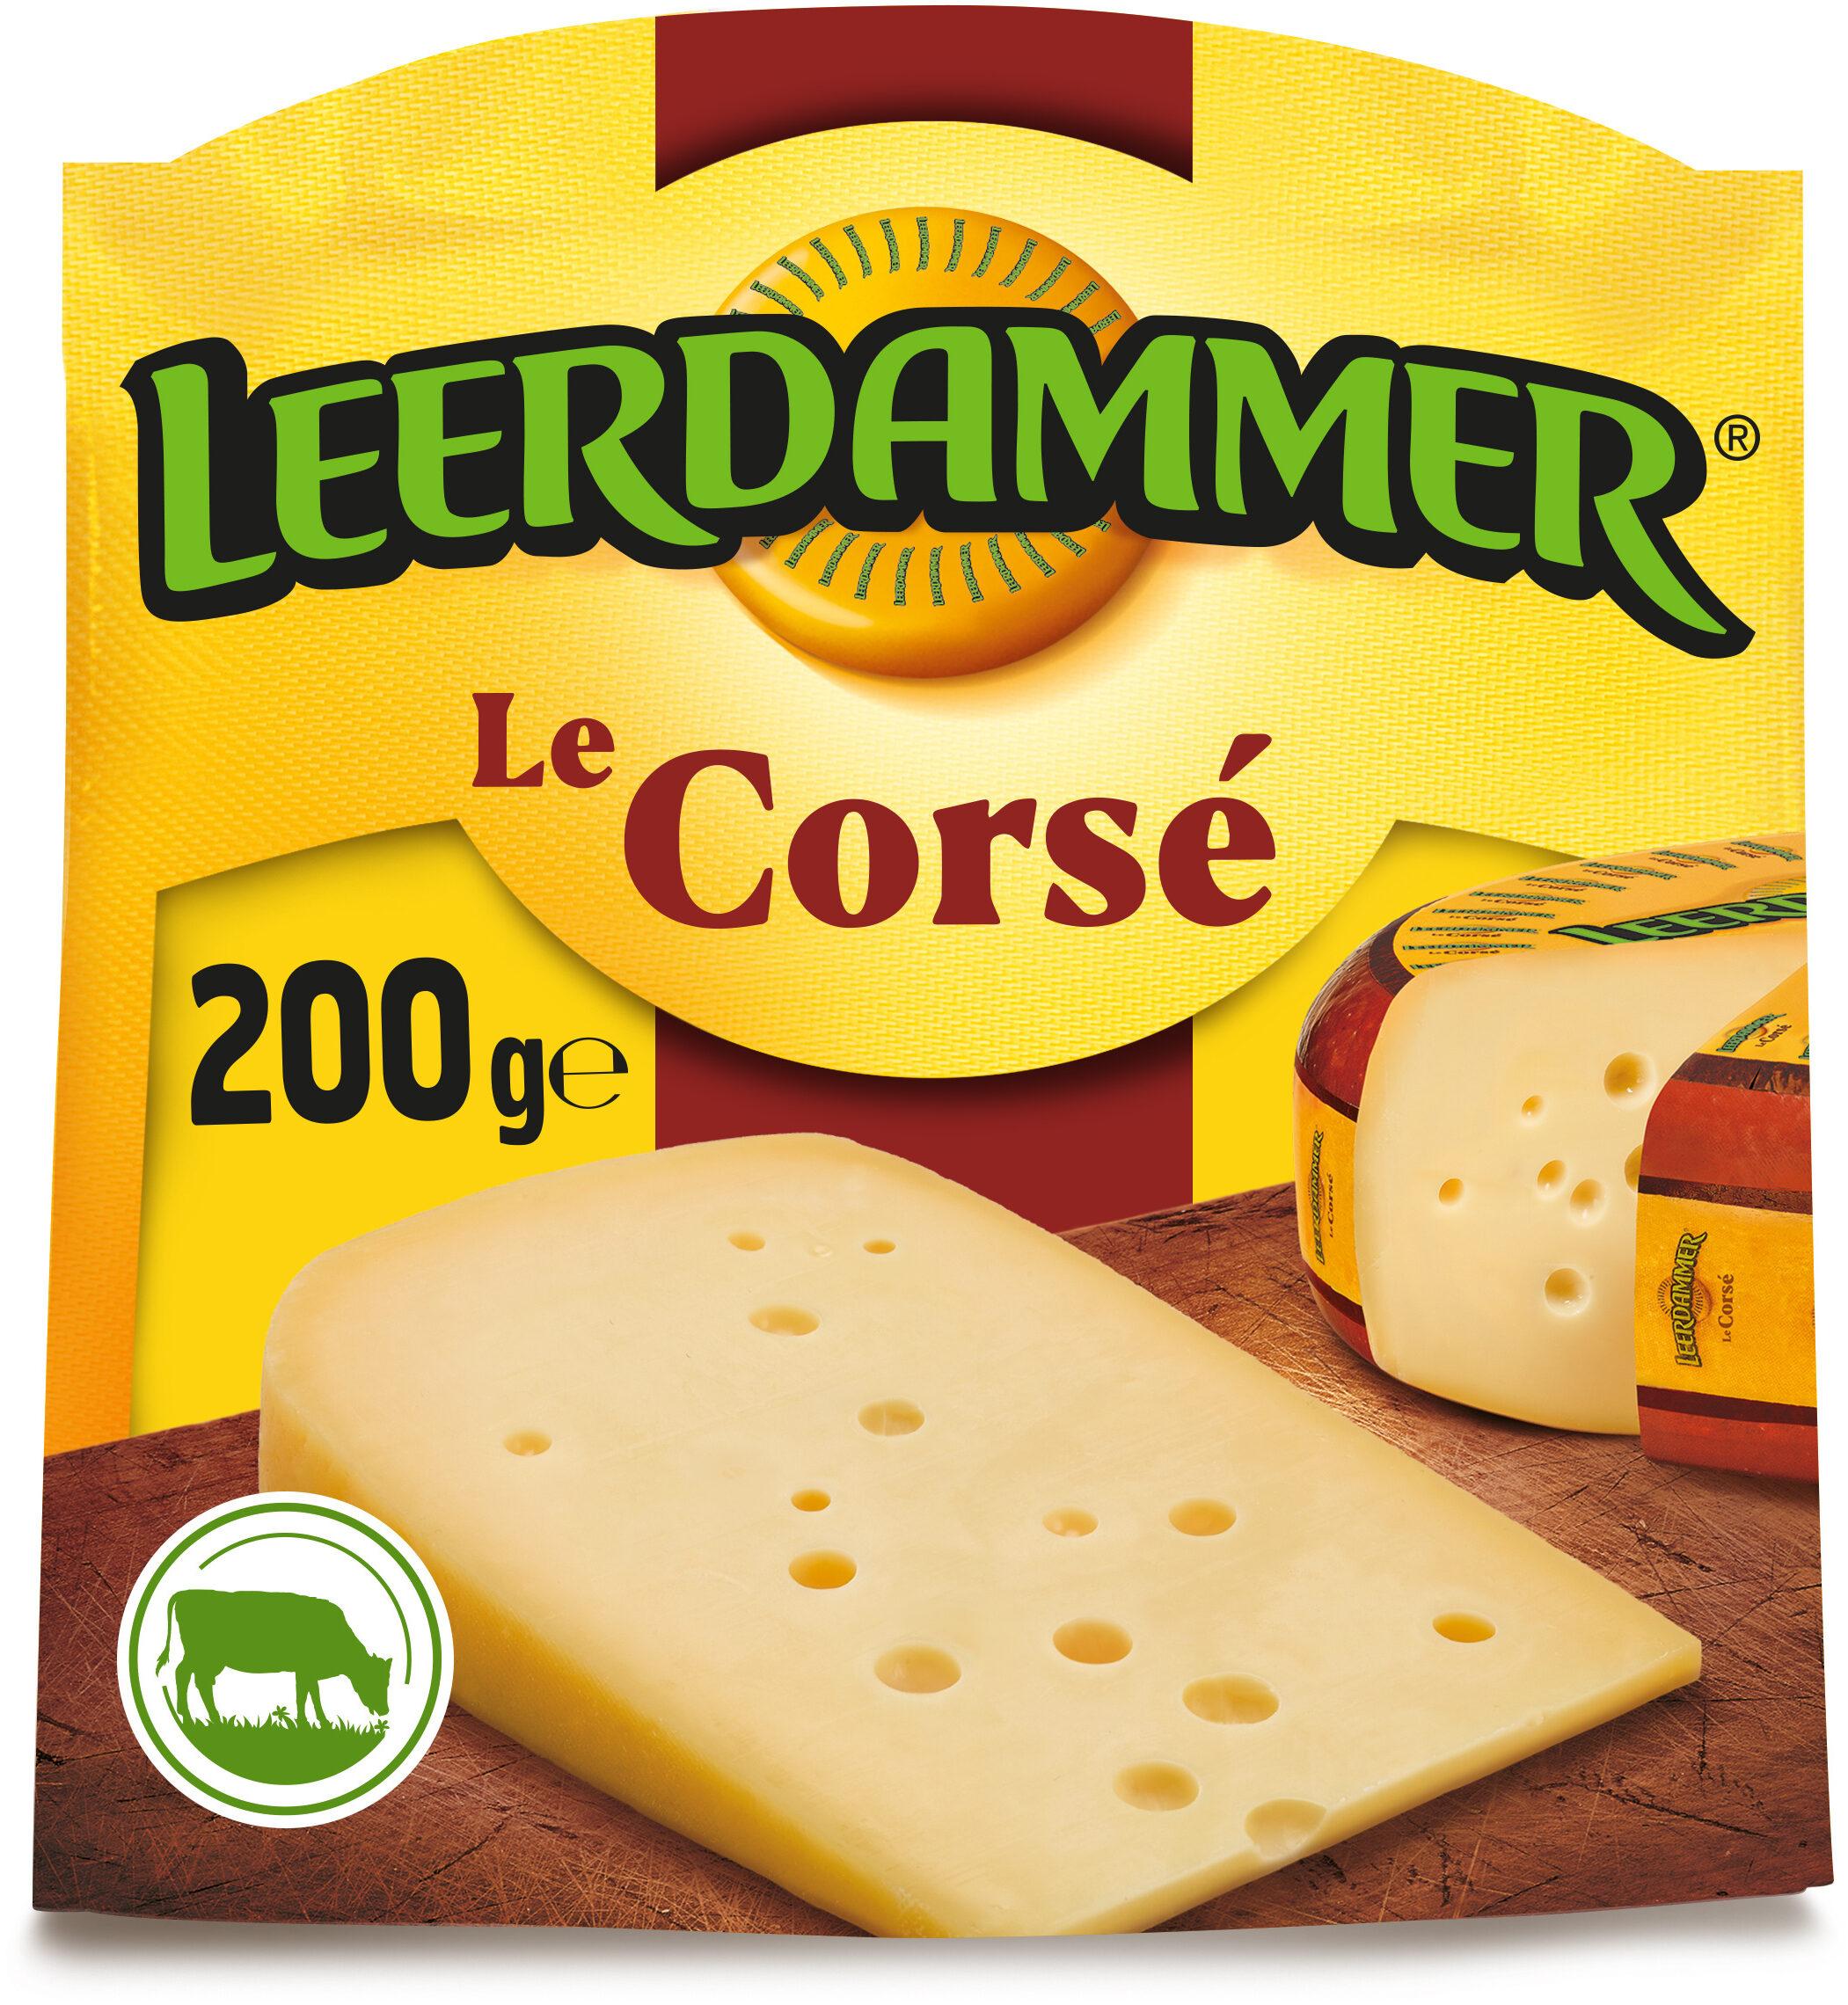 Leerdammer Corsé 6 tranches - Produit - fr